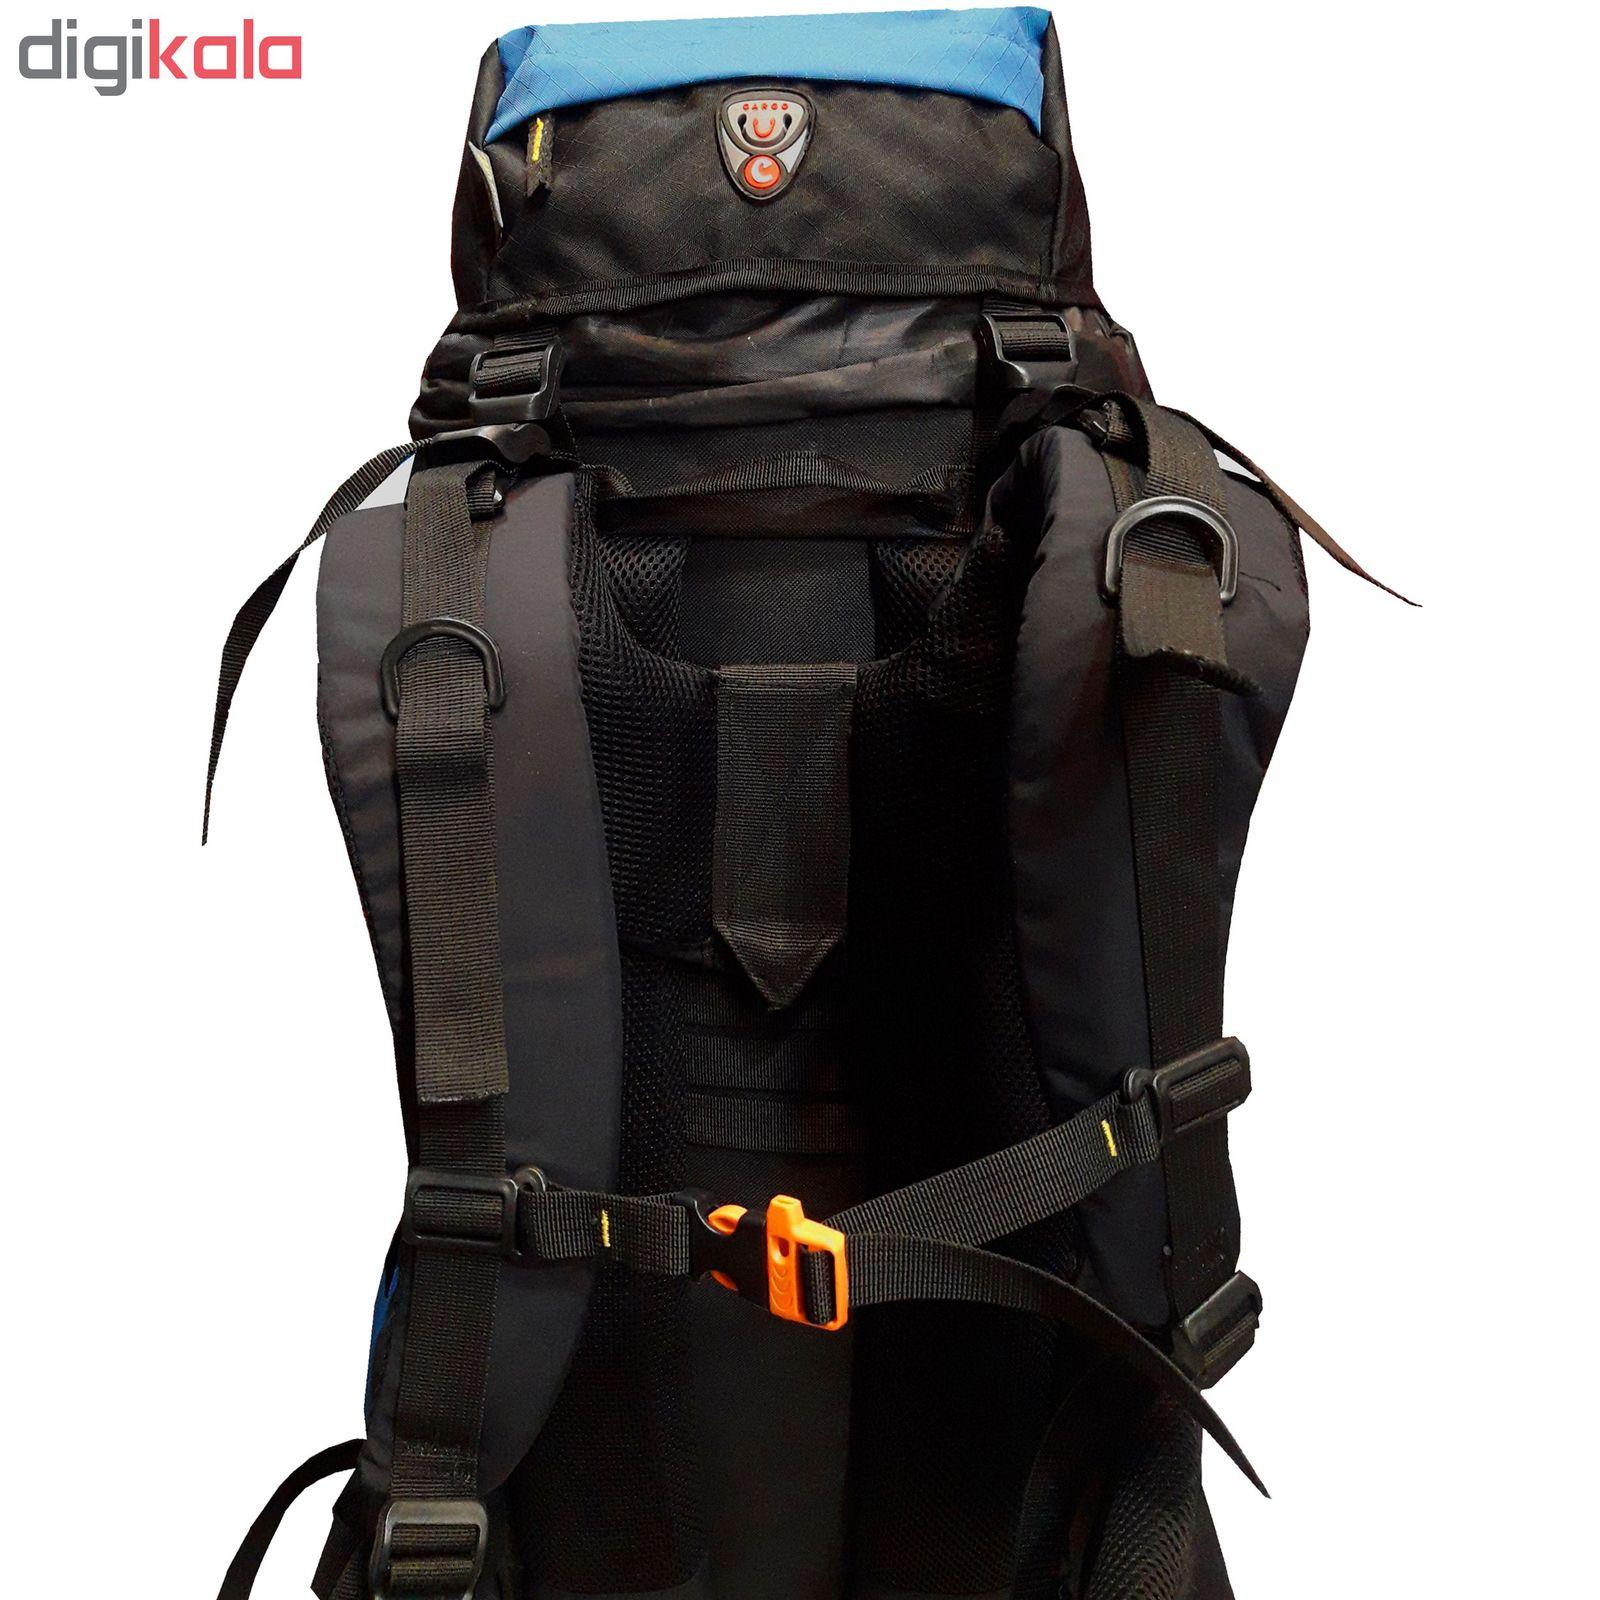 کوله پشتی کوهنوردی 70 لیتری مدل D650 main 1 11